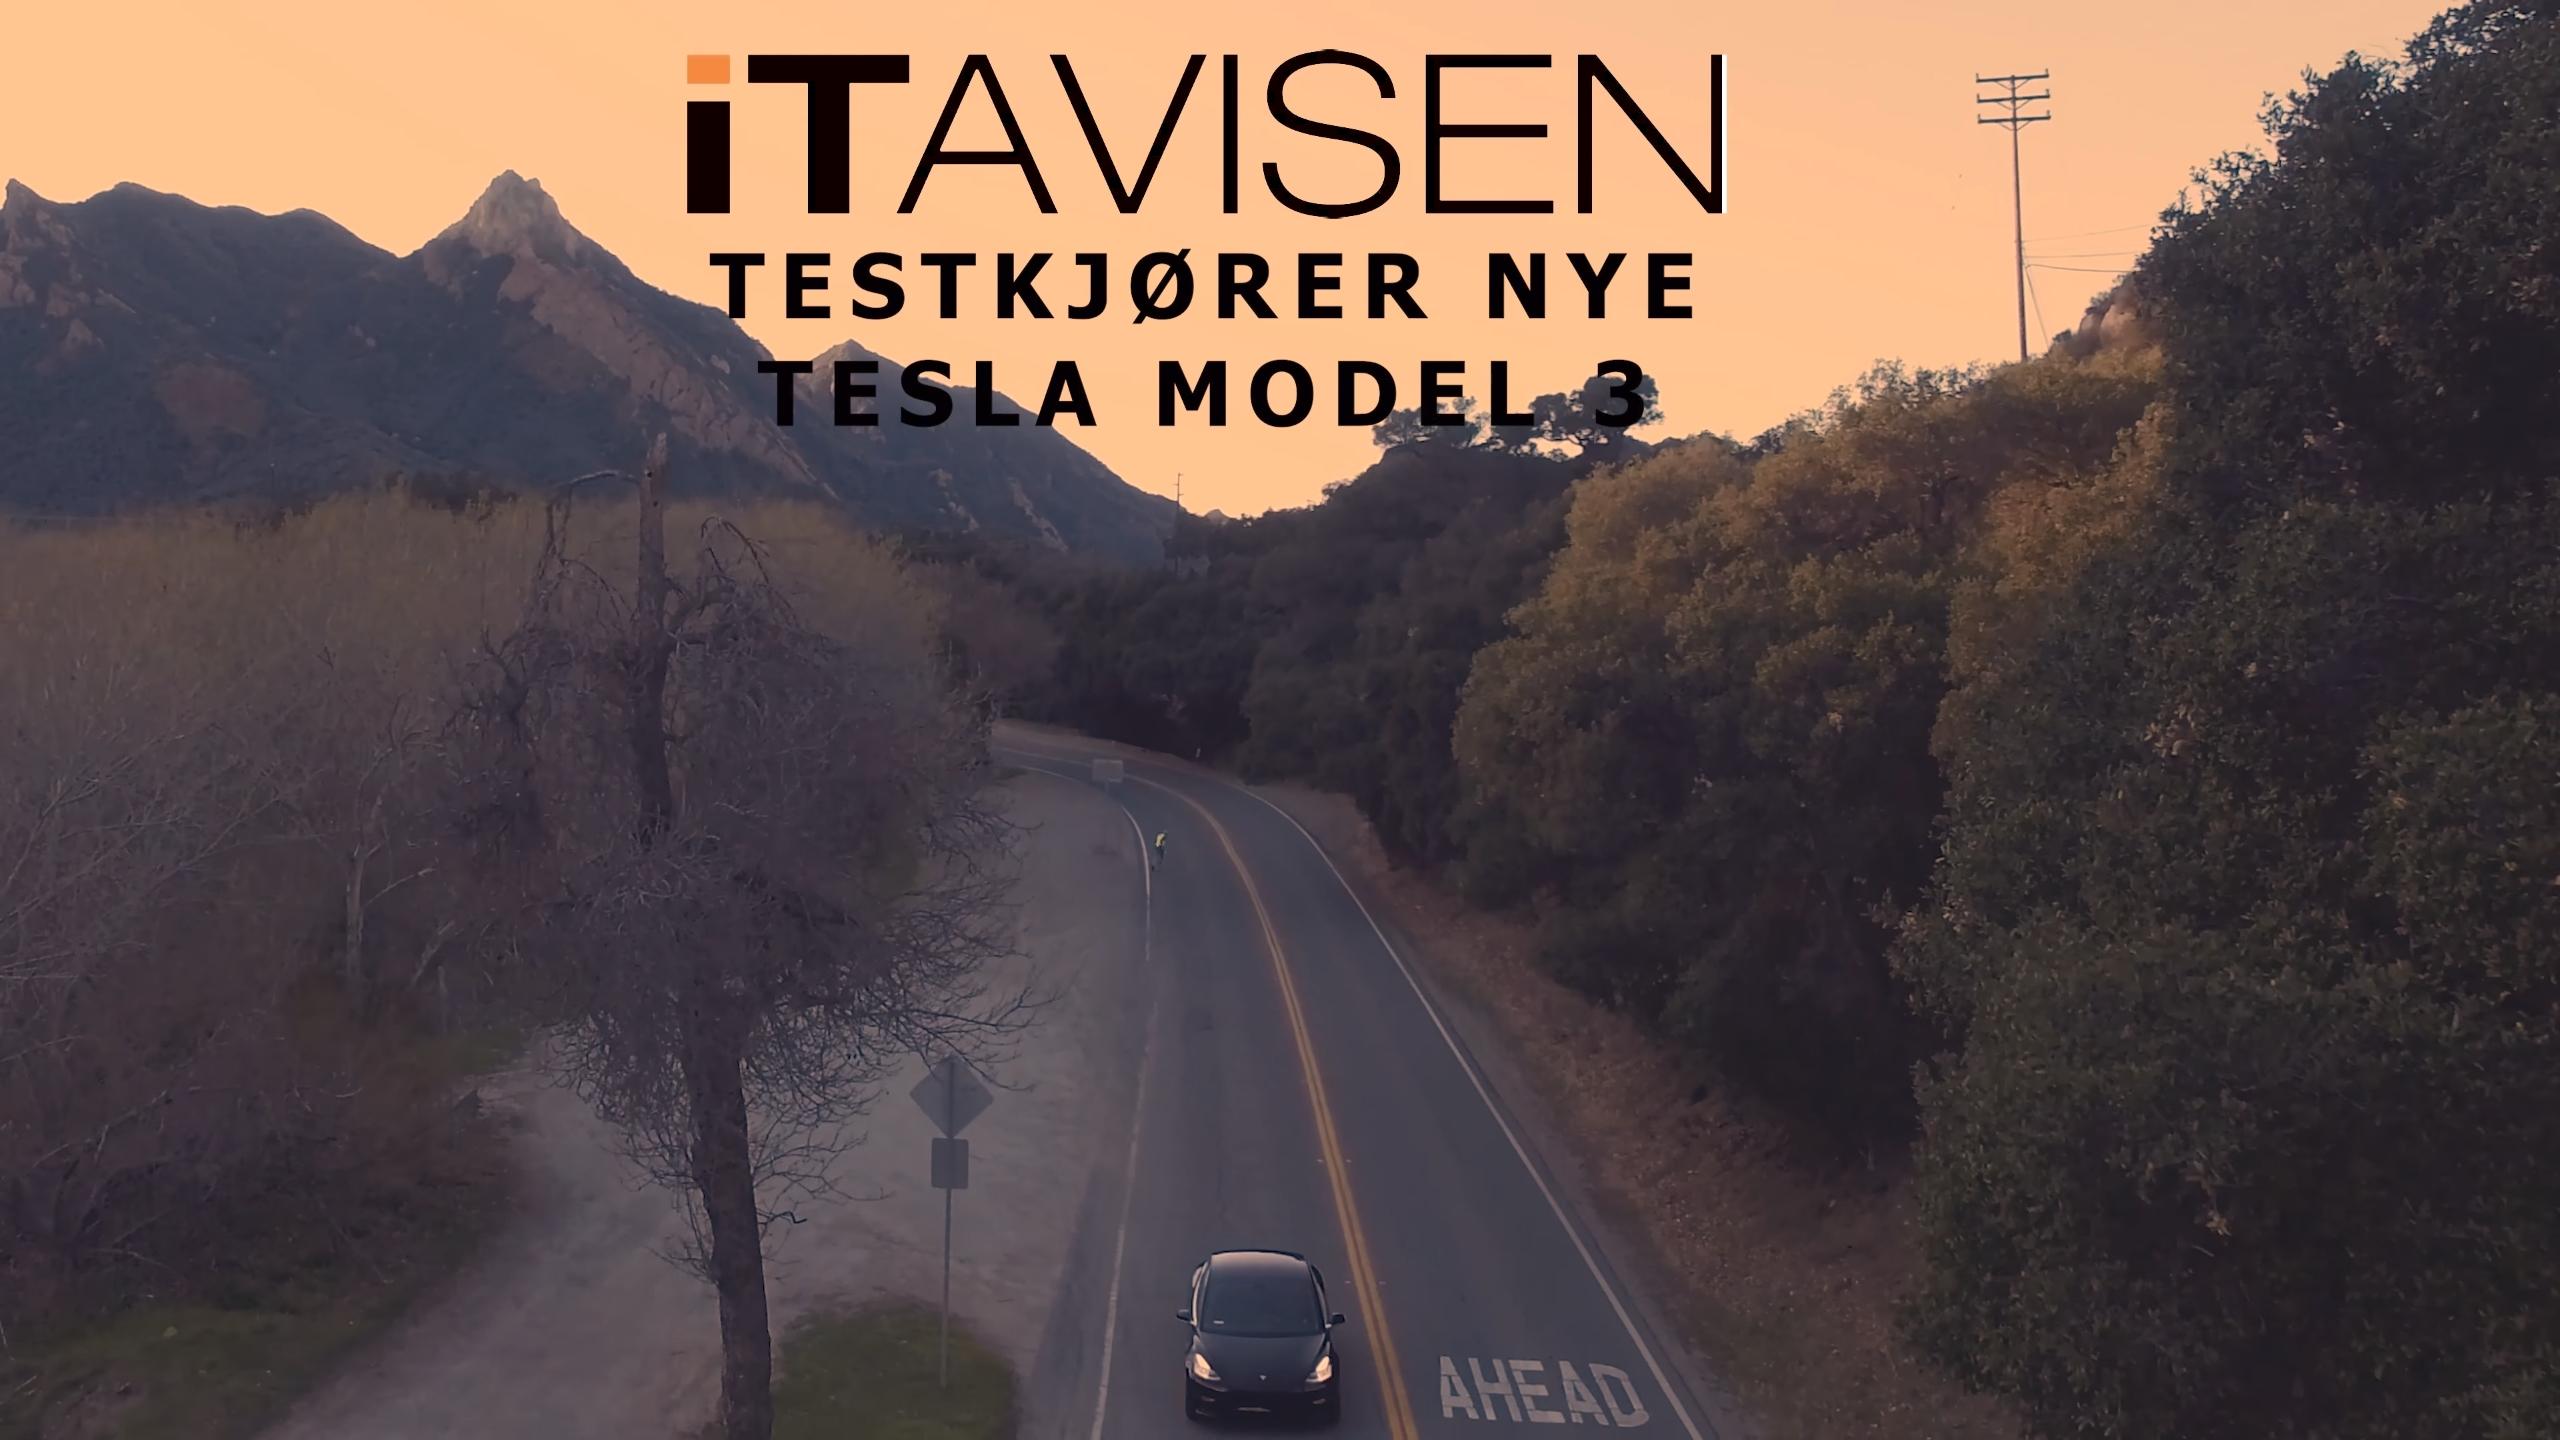 Tesla Model 3 er en bil som gjør føreren sikker, og som samtidig er veldig morsom grunnet en utrolig akselerasjon. Nå er det opp til Tesla å øke produksjonstakten og presse prisen ned til lovede 35 000 dollar for inngangsmodellen.